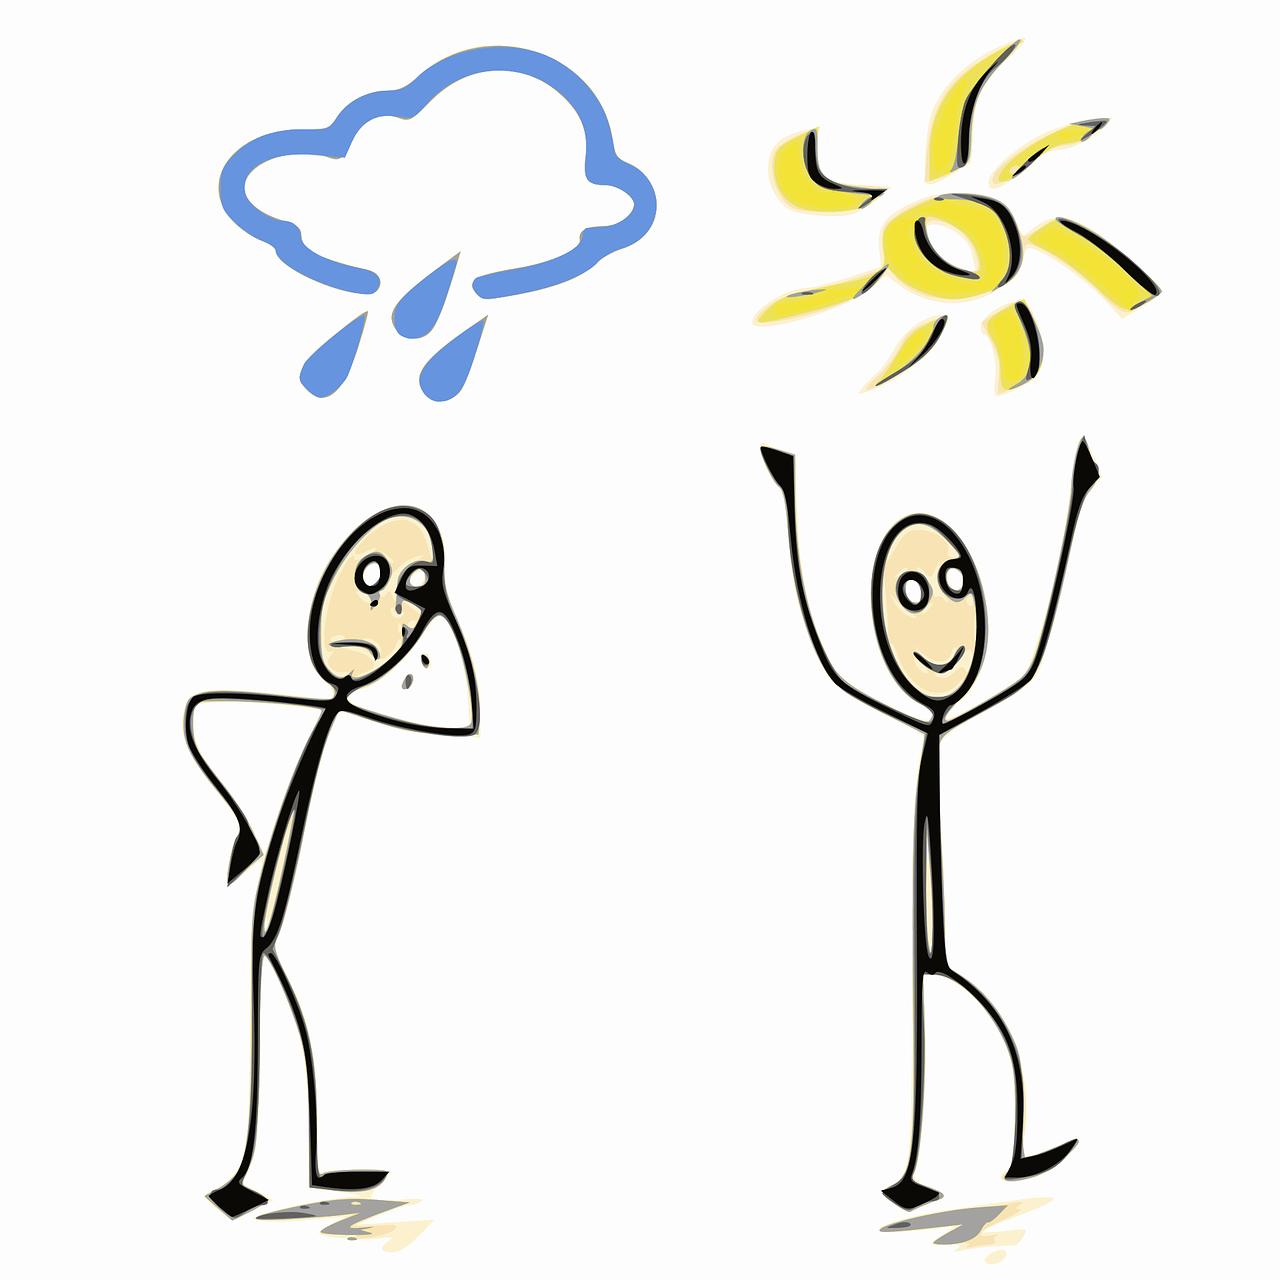 foreldelse kan føre til glede eller fortvilelse, litt avhengig av hvem den rammer